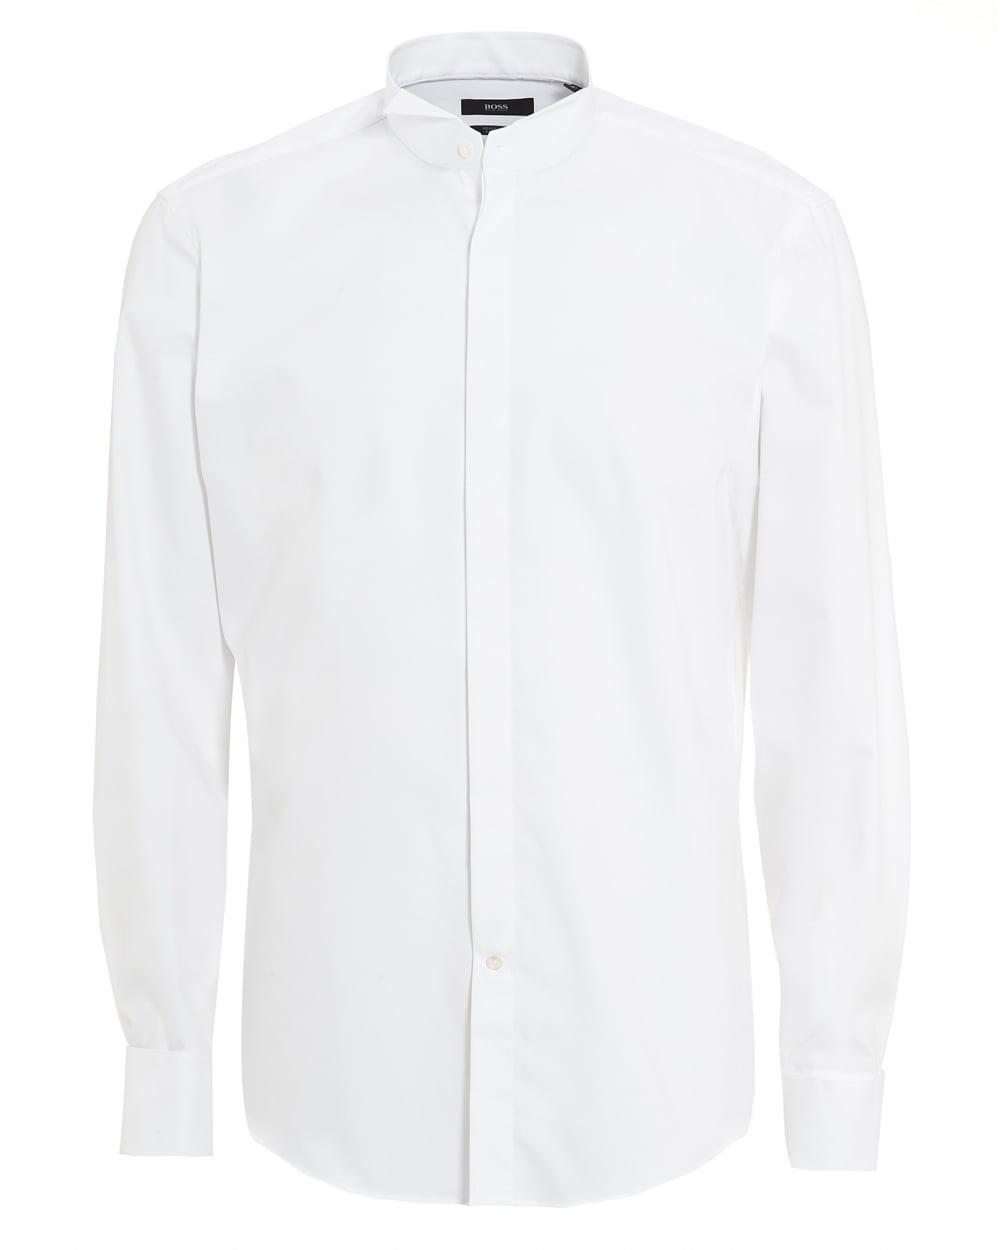 Hugo boss black mens jillik slim fit white dress shirt for Hugo boss dress shirt review